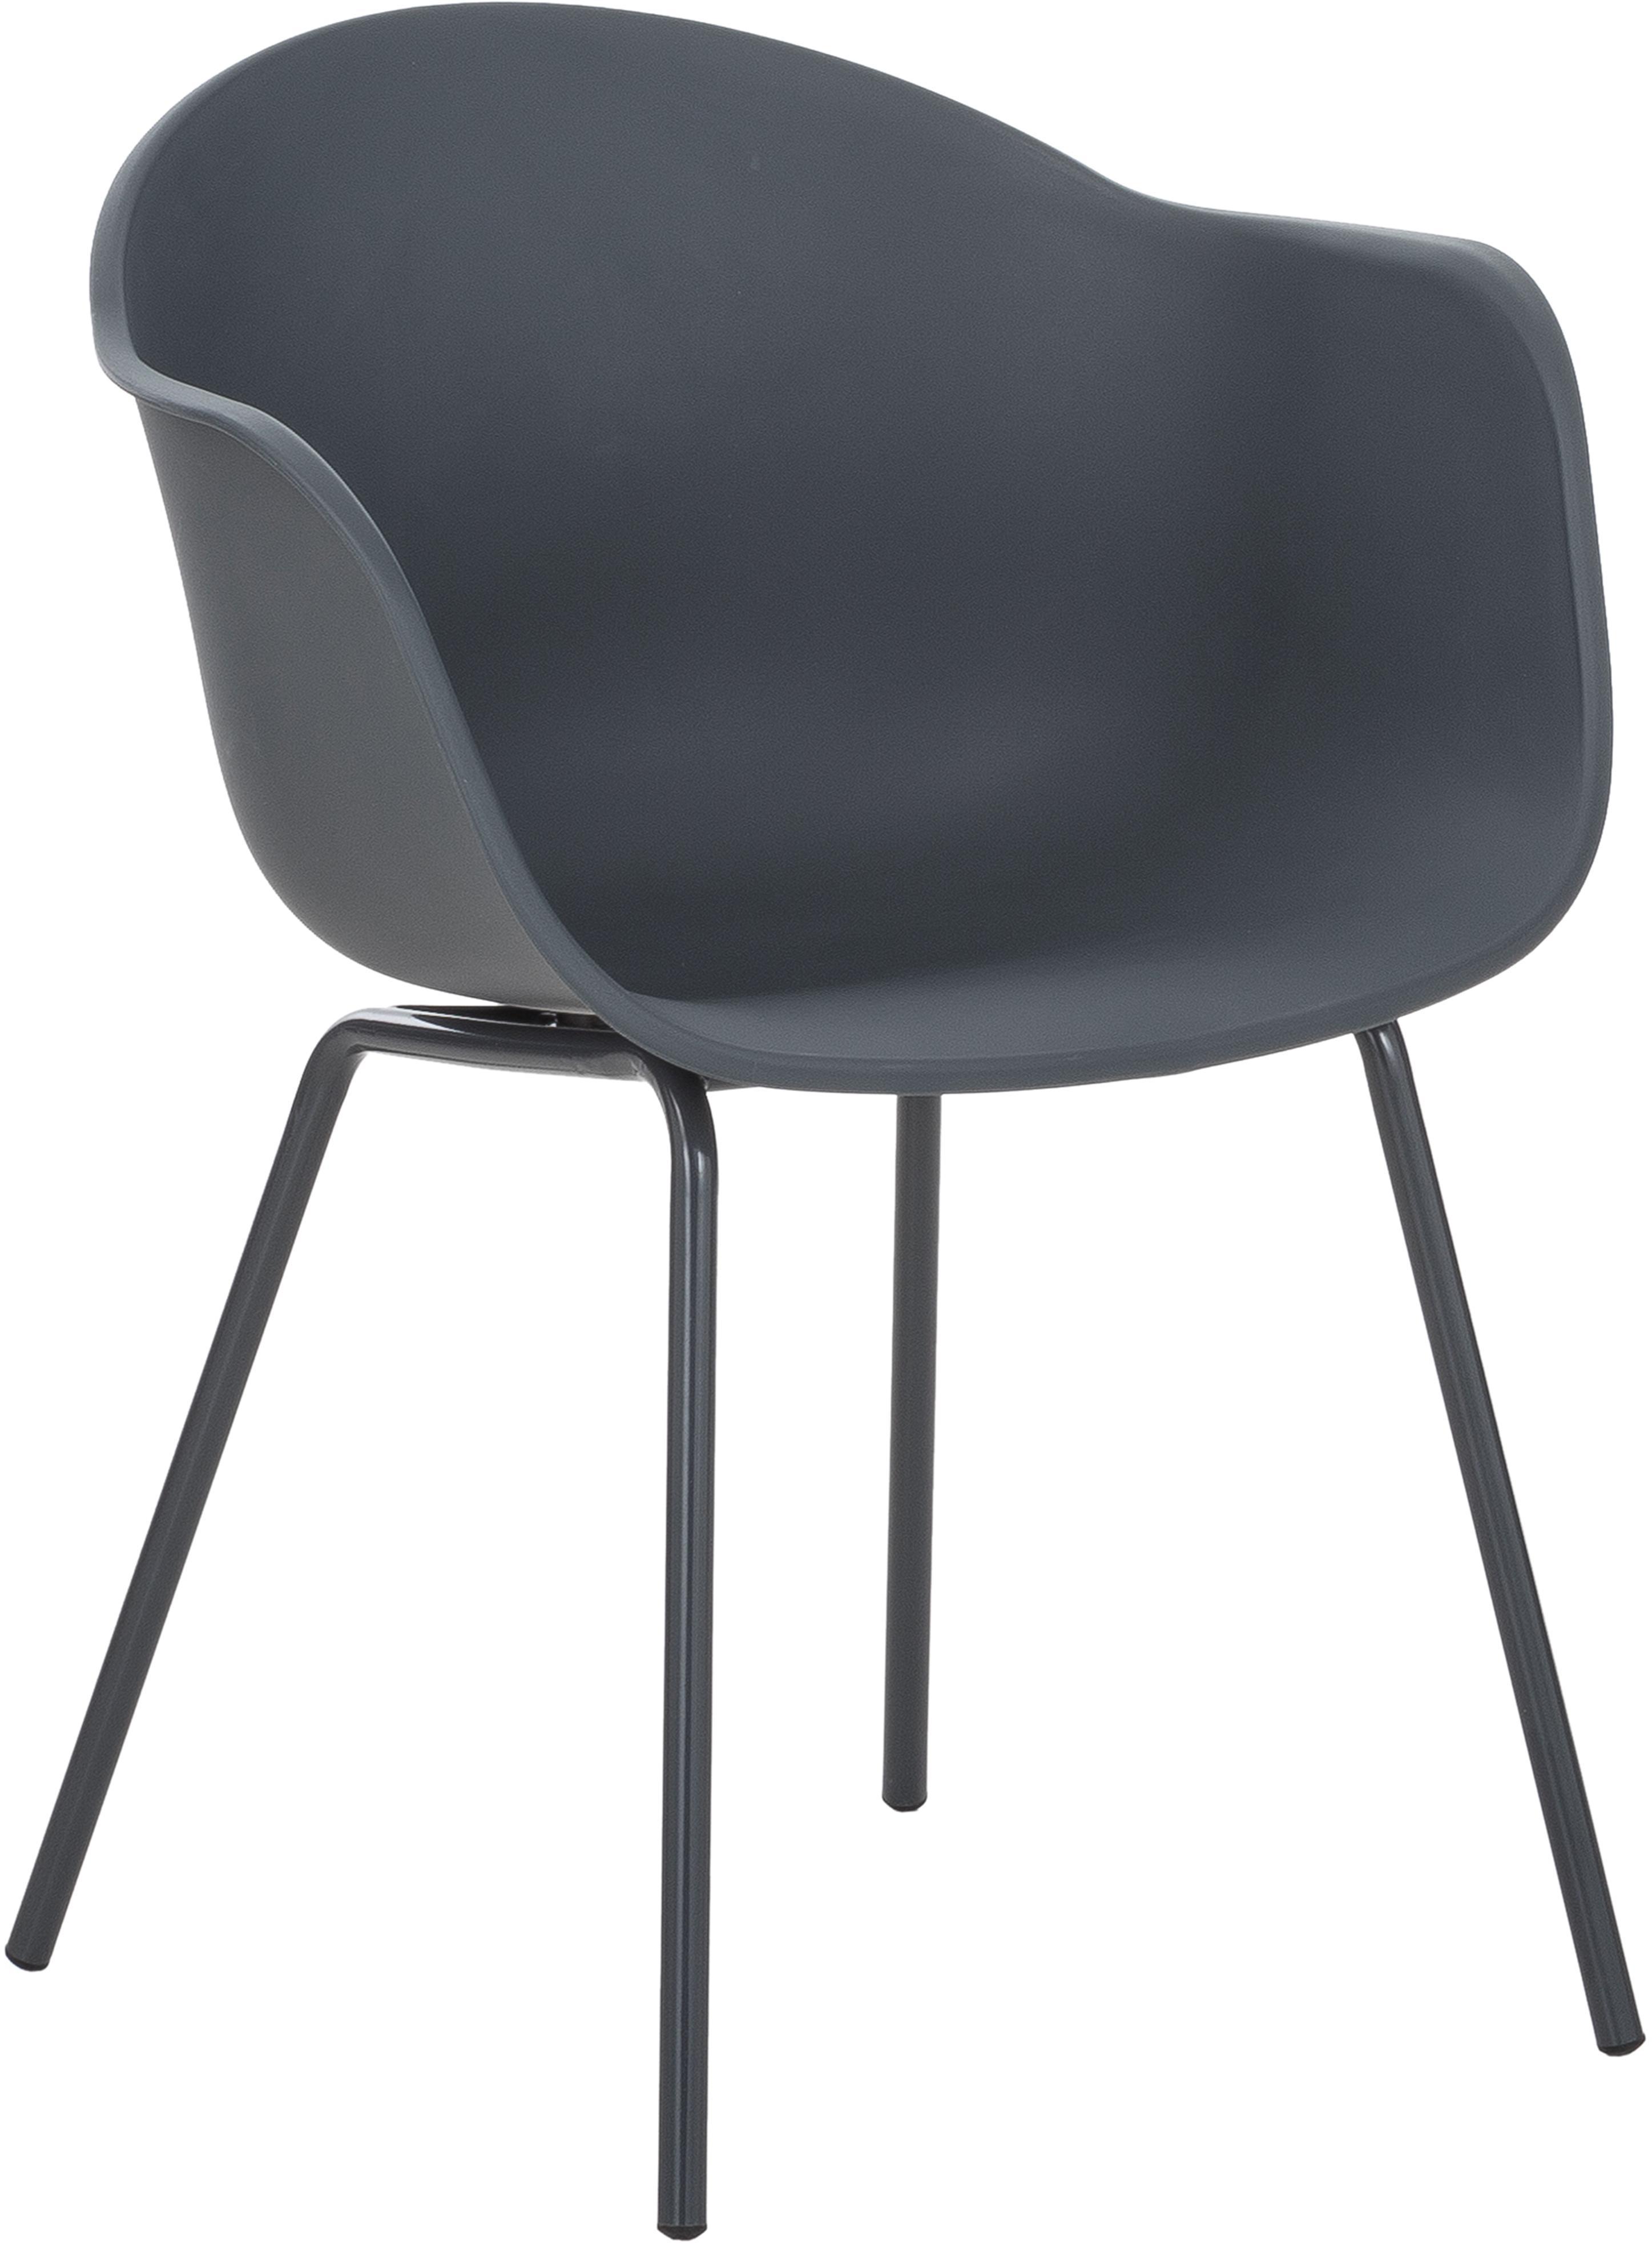 Kunststoff-Armlehnstuhl Claire mit Metallbeinen, Sitzschale: Kunststoff, Beine: Metall, pulverbeschichtet, Grau, B 54 x T 60 cm